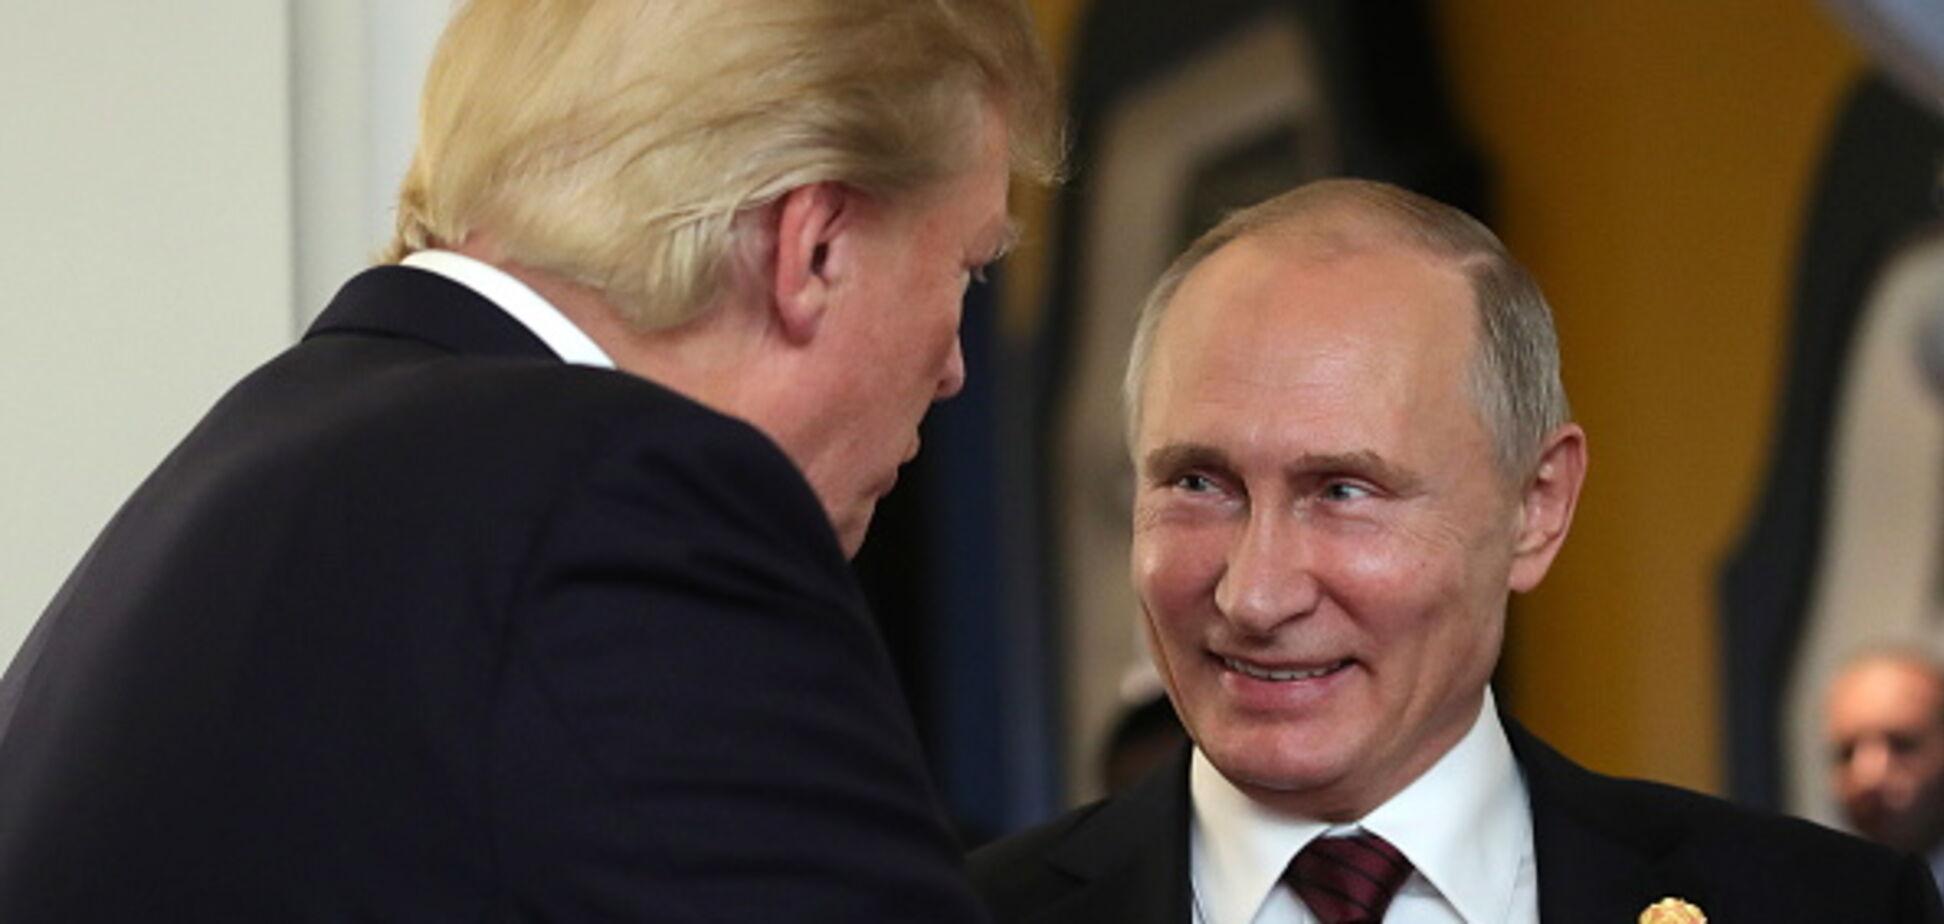 'Произвел впечатление': Путин признался, как относится к Трампу